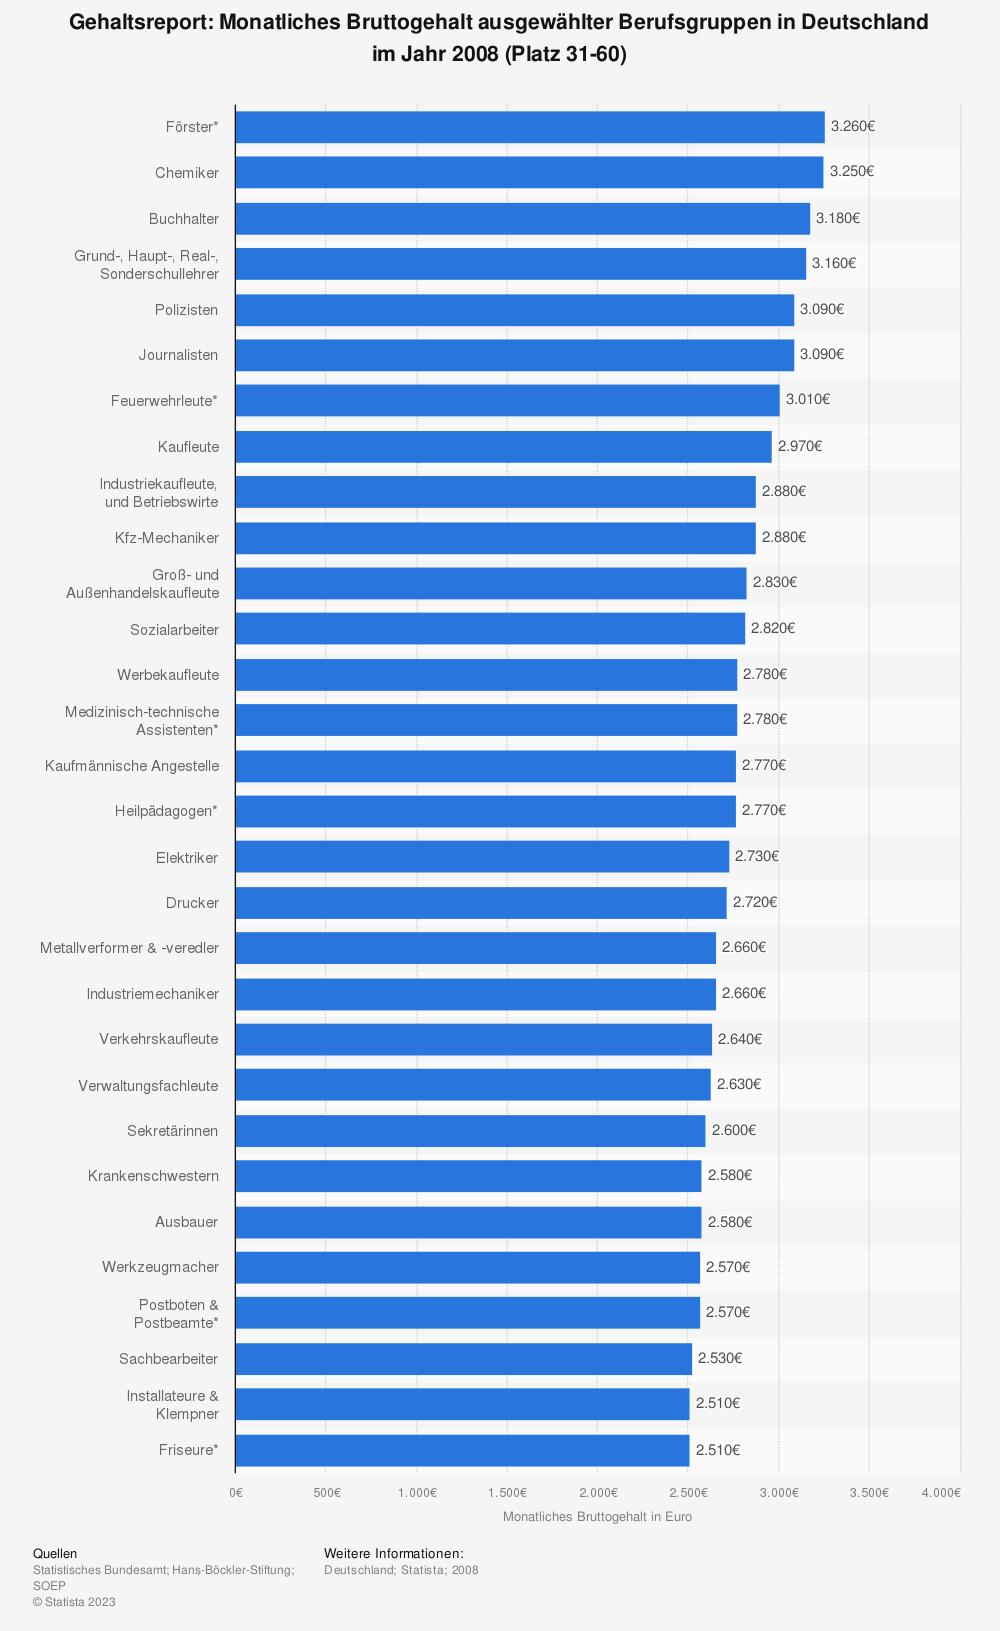 Statistik: Gehaltsreport: Monatliches Bruttogehalt ausgewählter Berufsgruppen in Deutschland im Jahr 2008 (Platz 31-60) | Statista